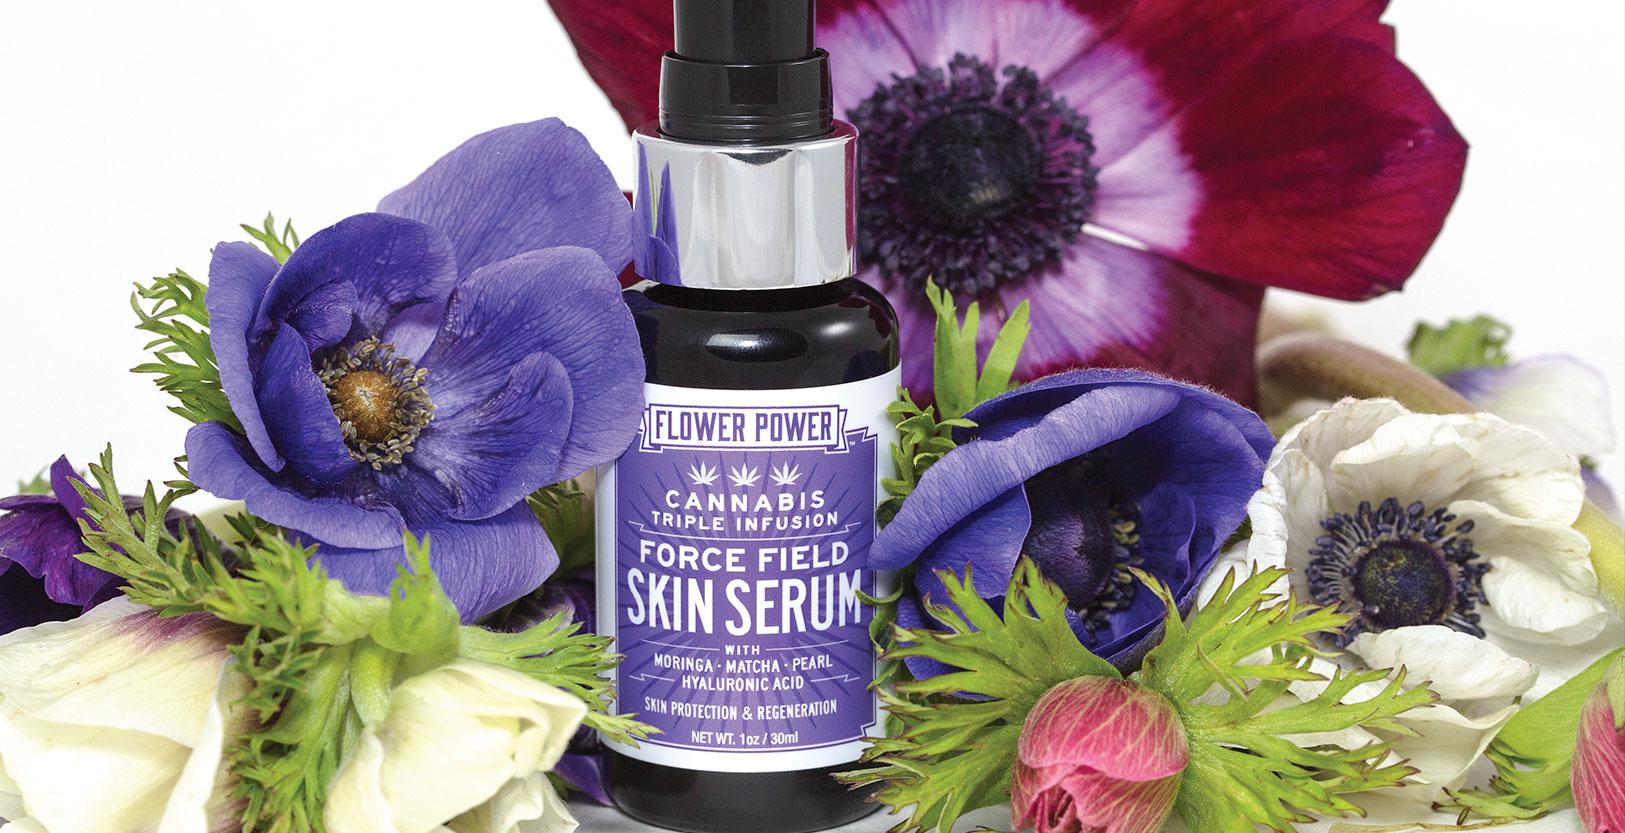 Force Field Skin Serum by Flower Power